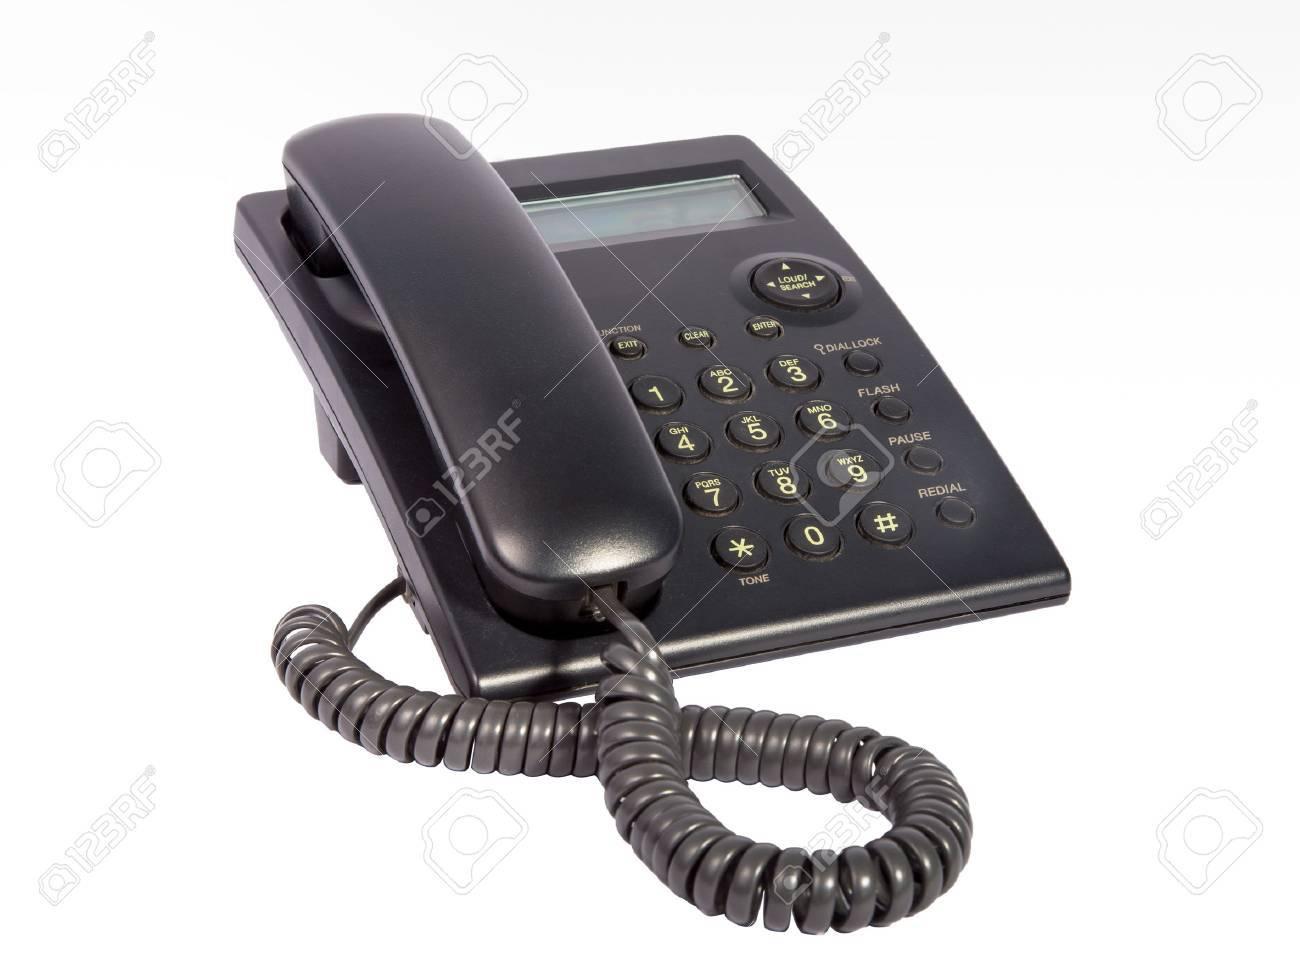 Telephone isolated on white background - 50122376